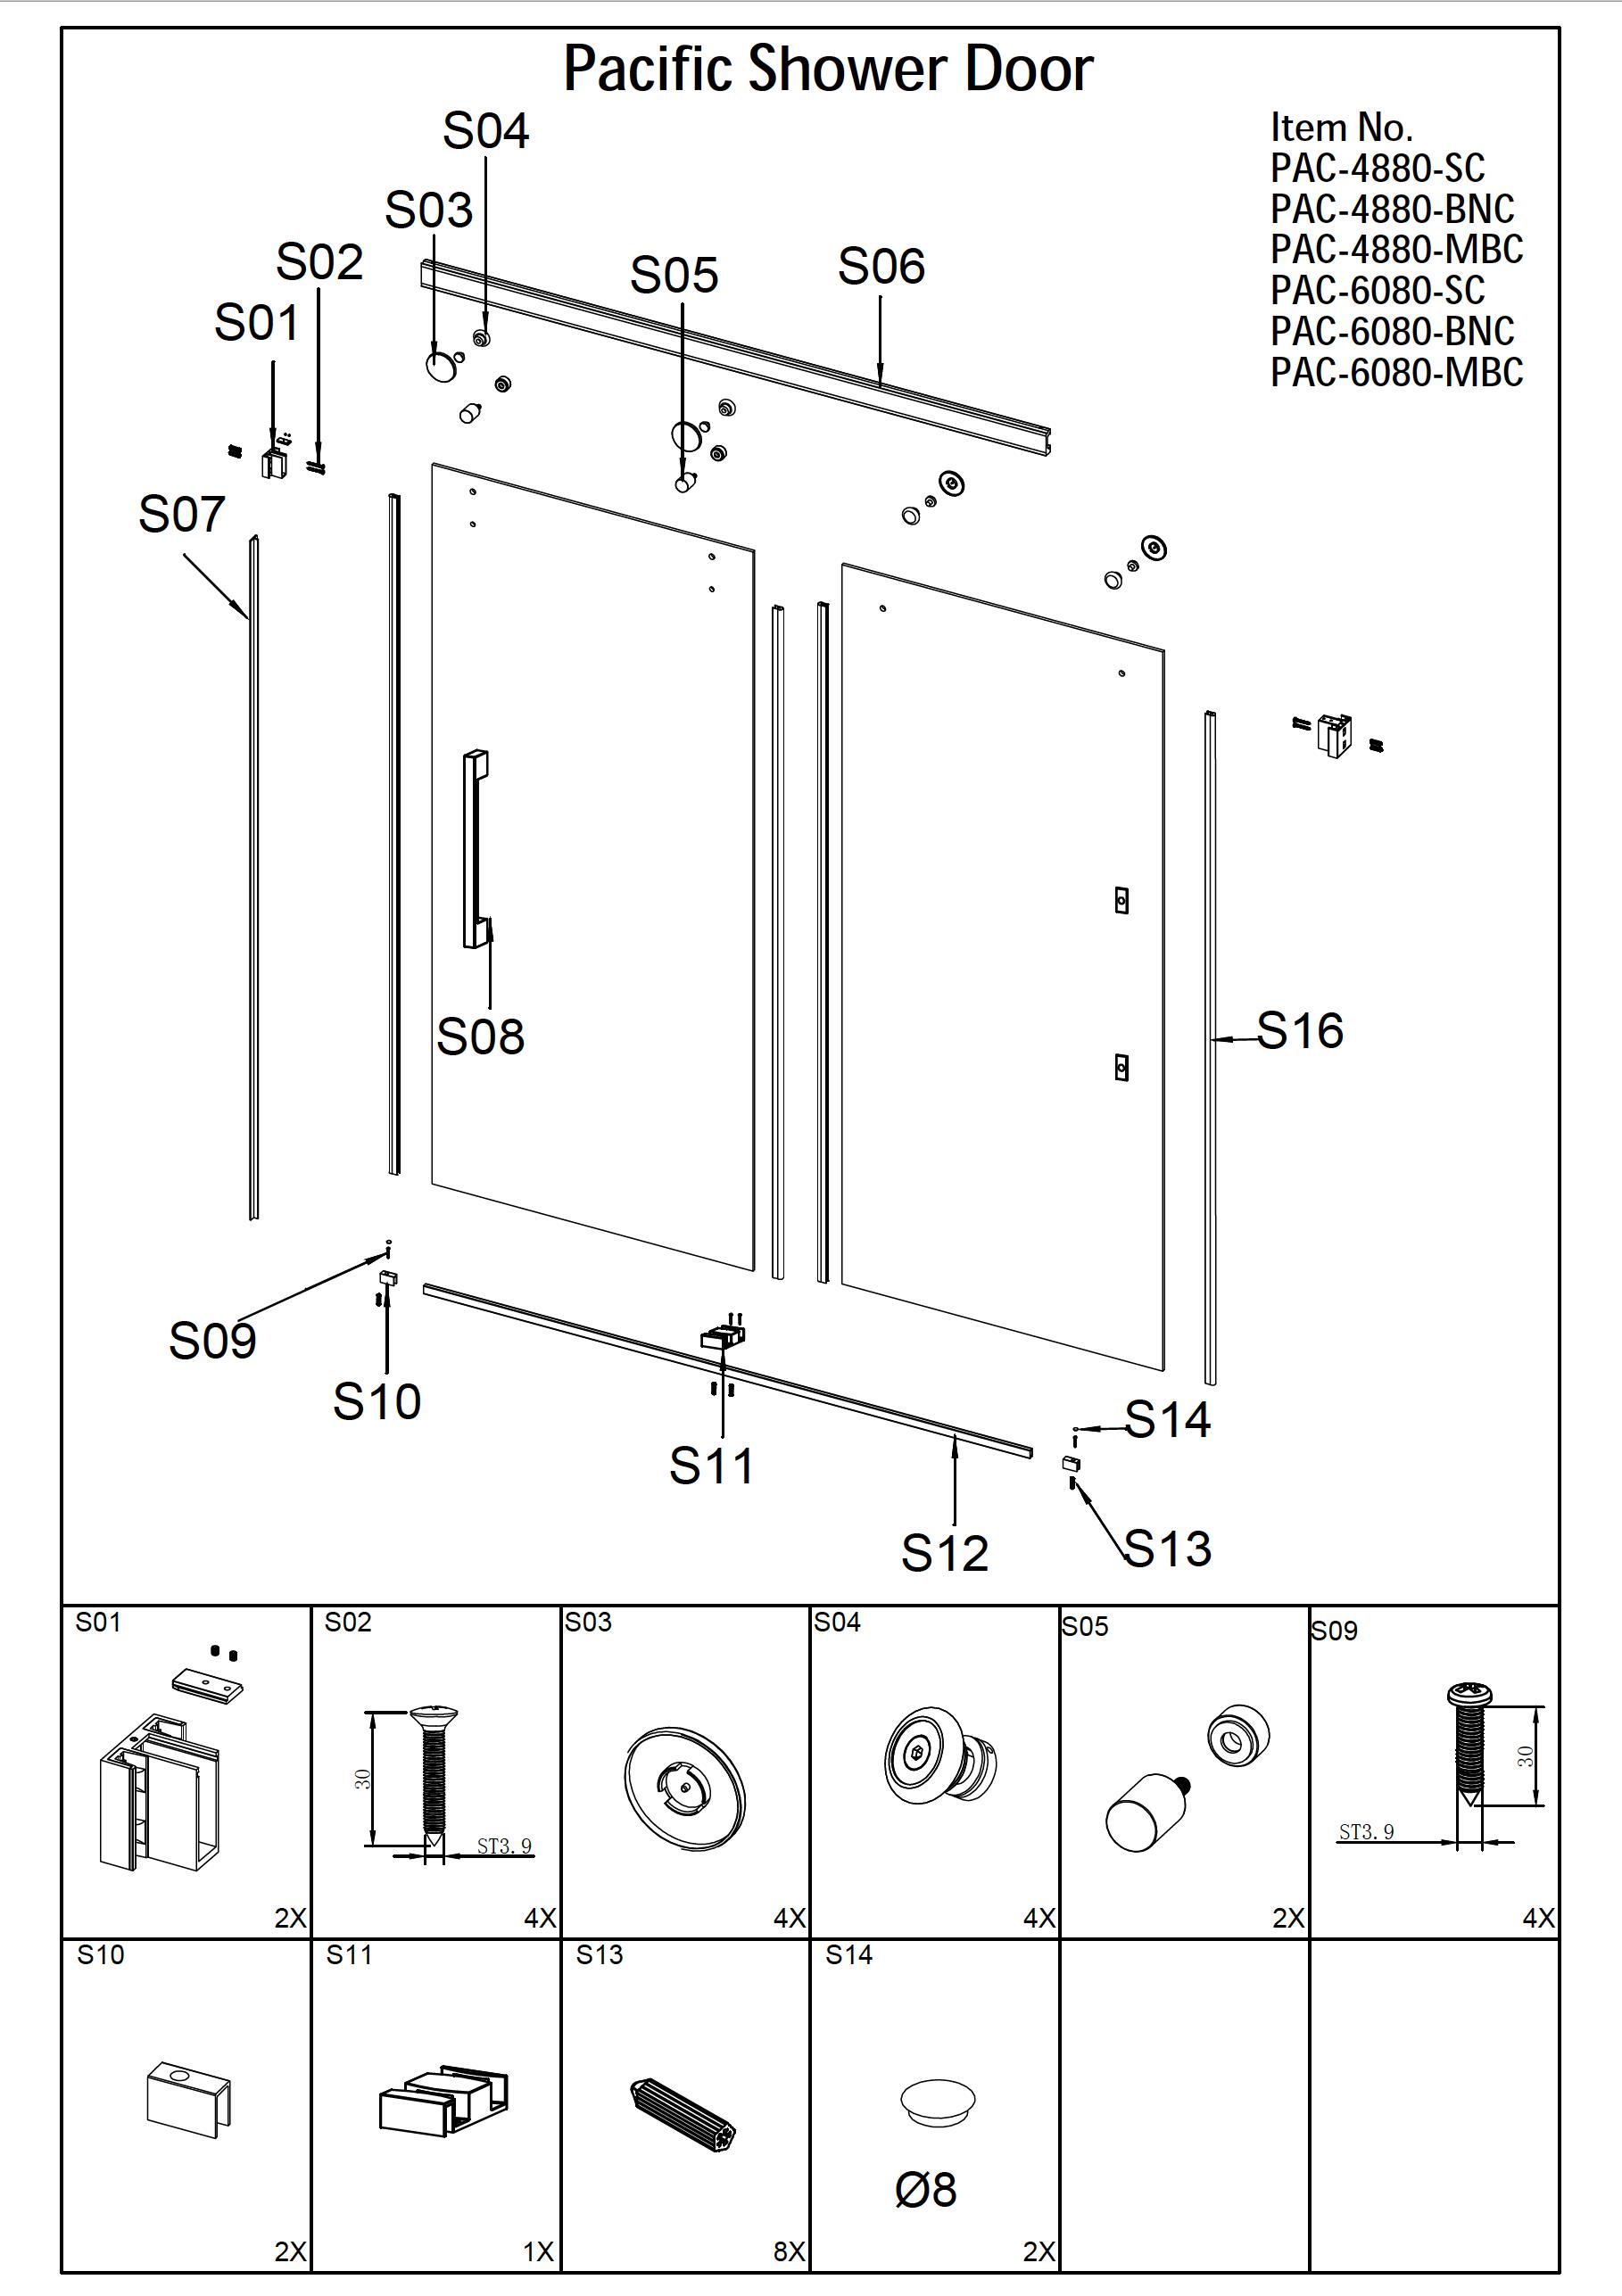 Pacific Shower Door Installation